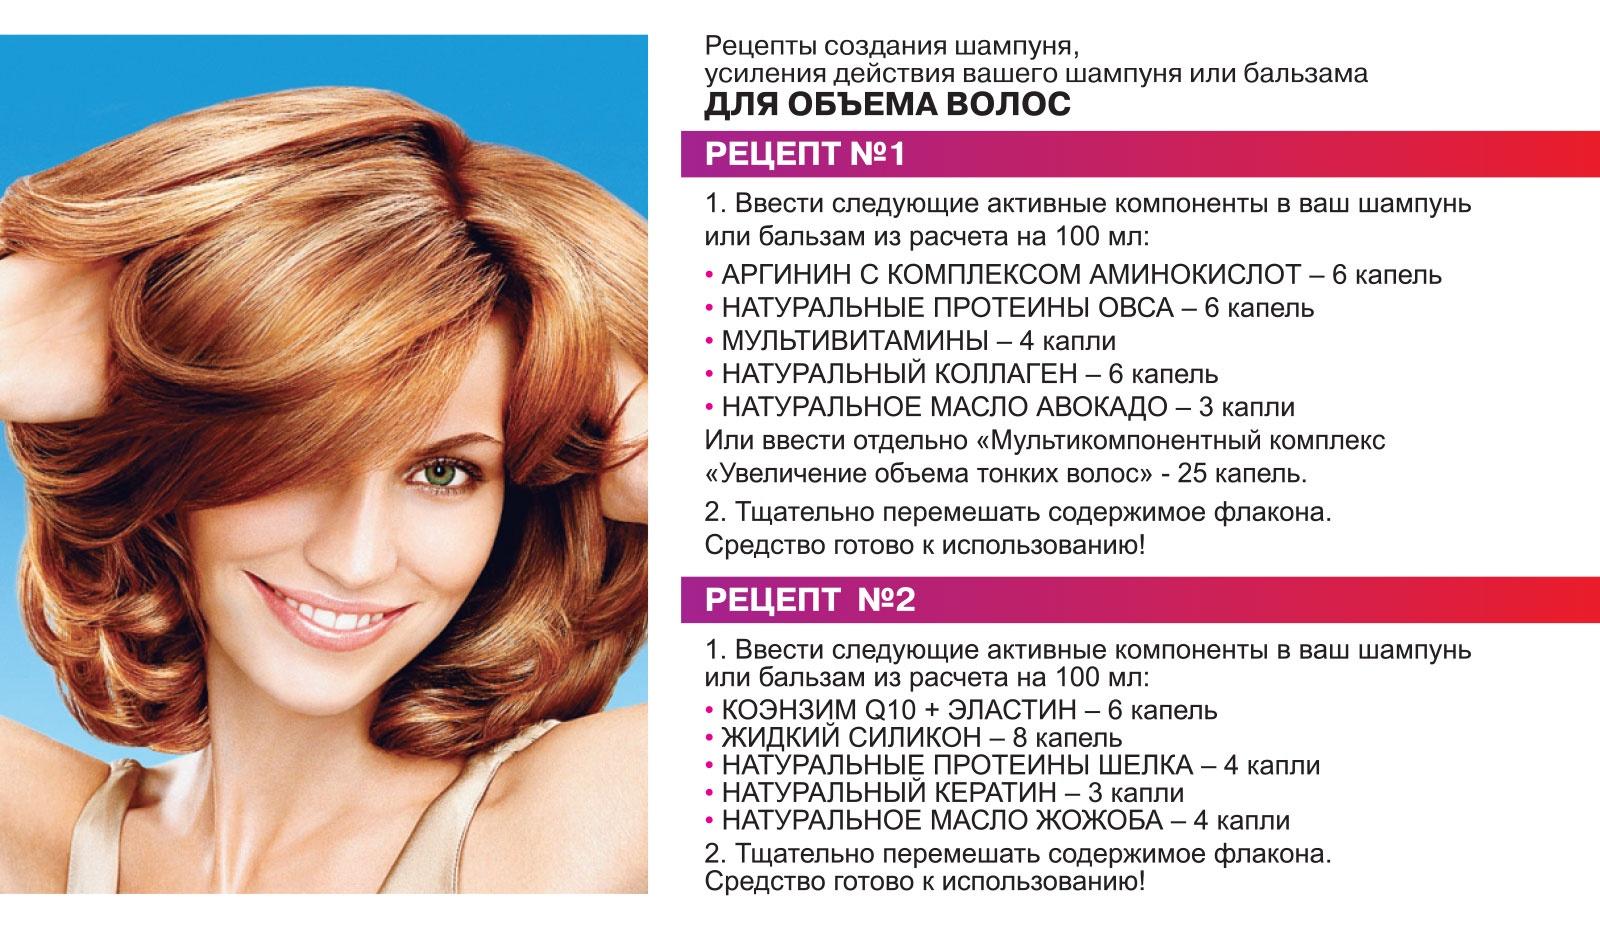 Мультикомпонентный комплекс Увеличение объема тонких волос, серии  Линия HandMade 5 ml ЛИНИЯ HANDMADE